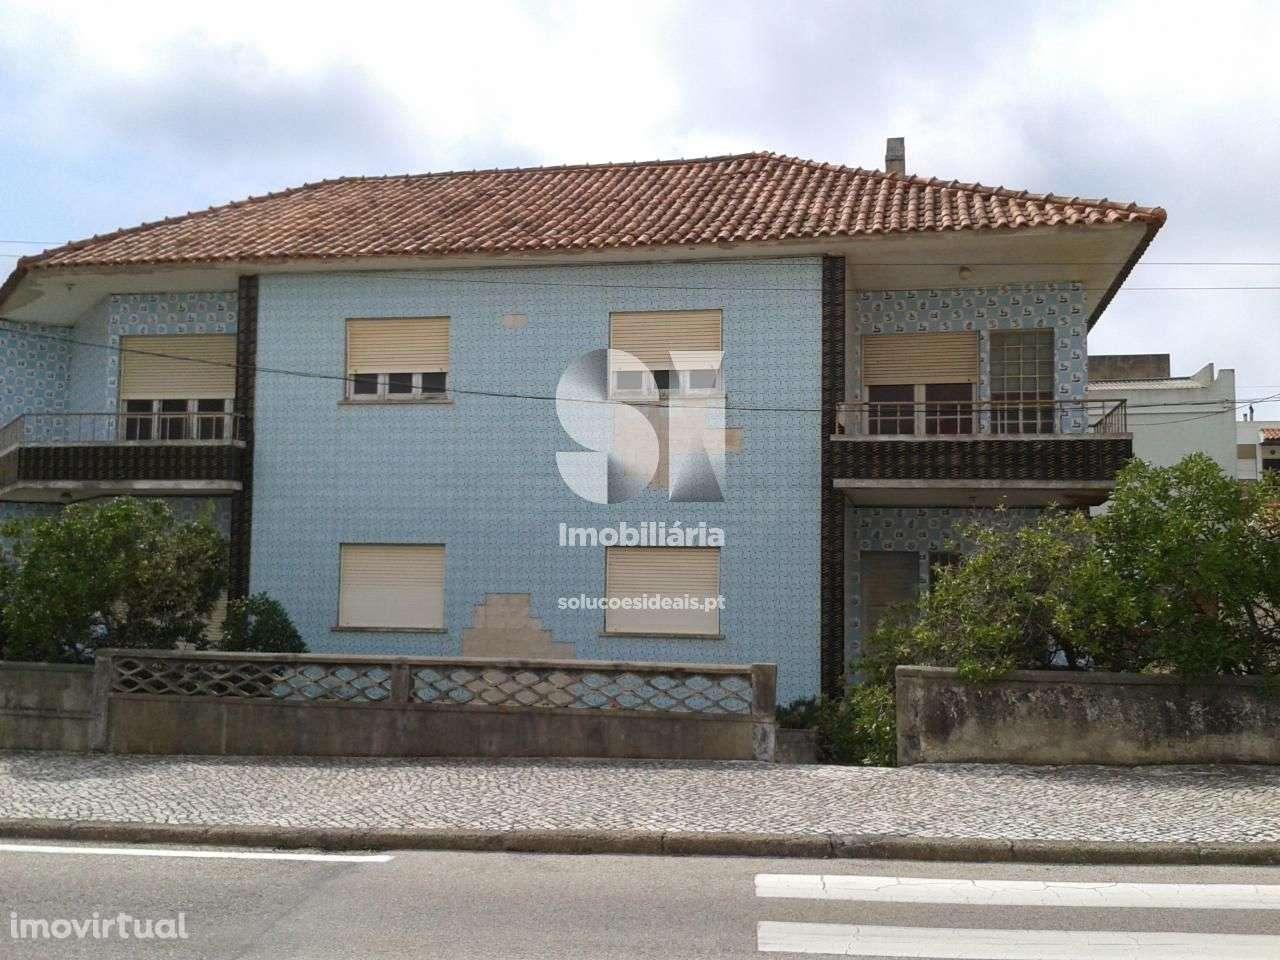 Prédio para comprar, Vieira de Leiria, Leiria - Foto 2